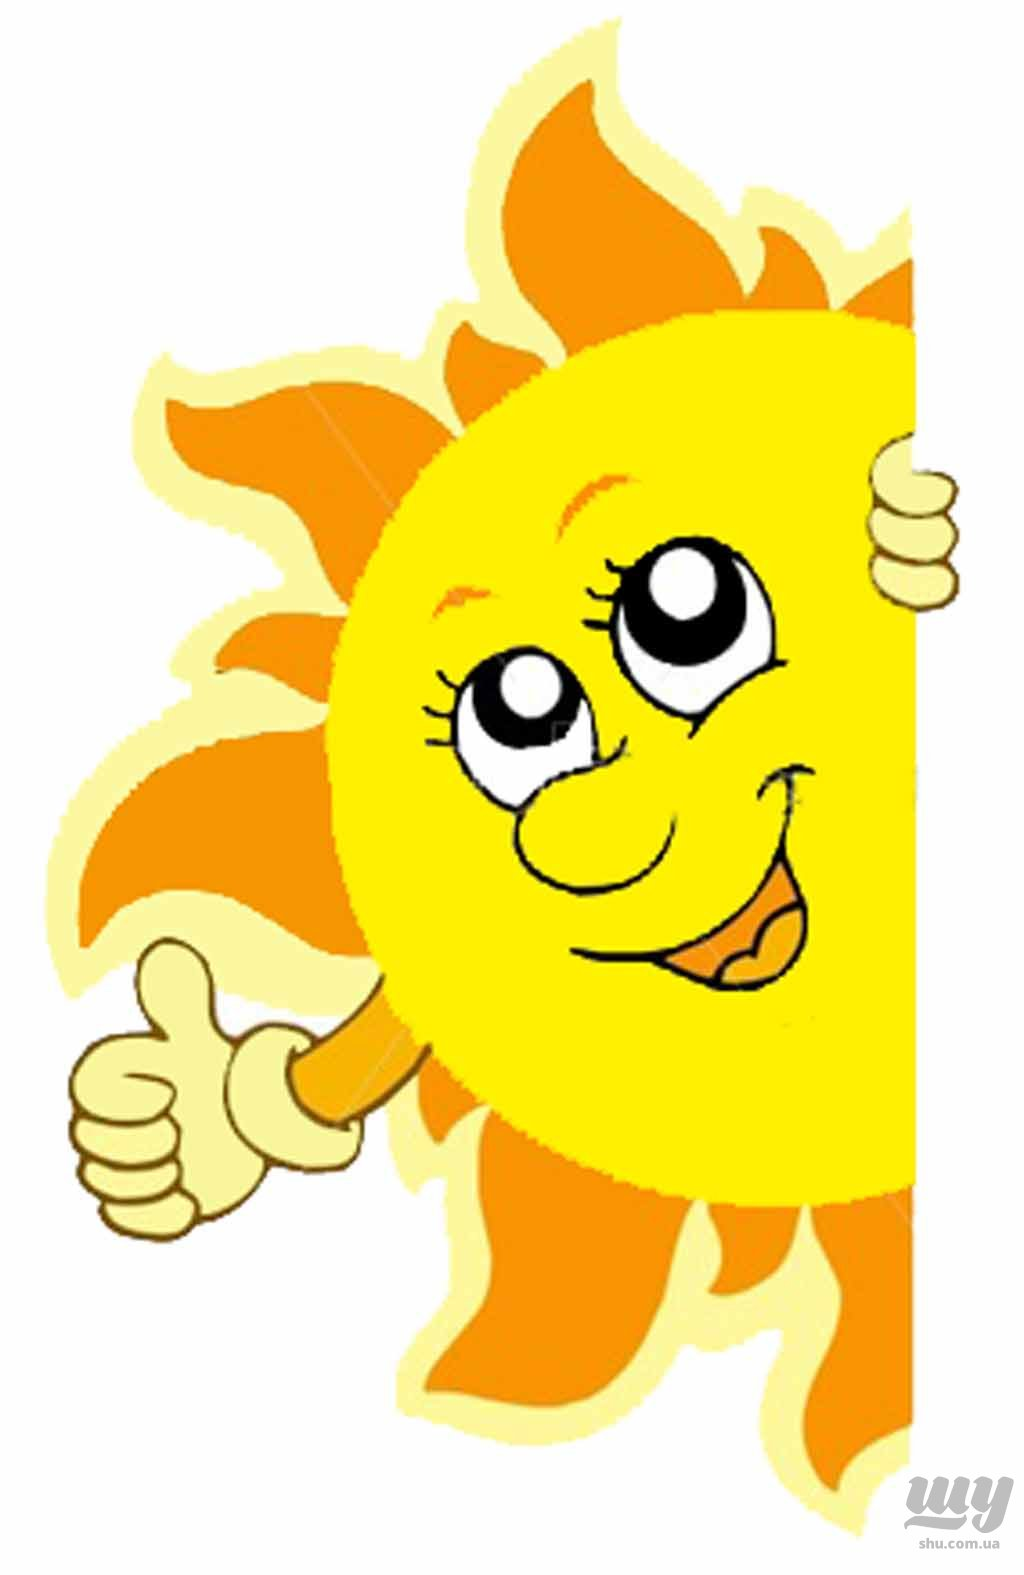 Солнышко 2.jpg